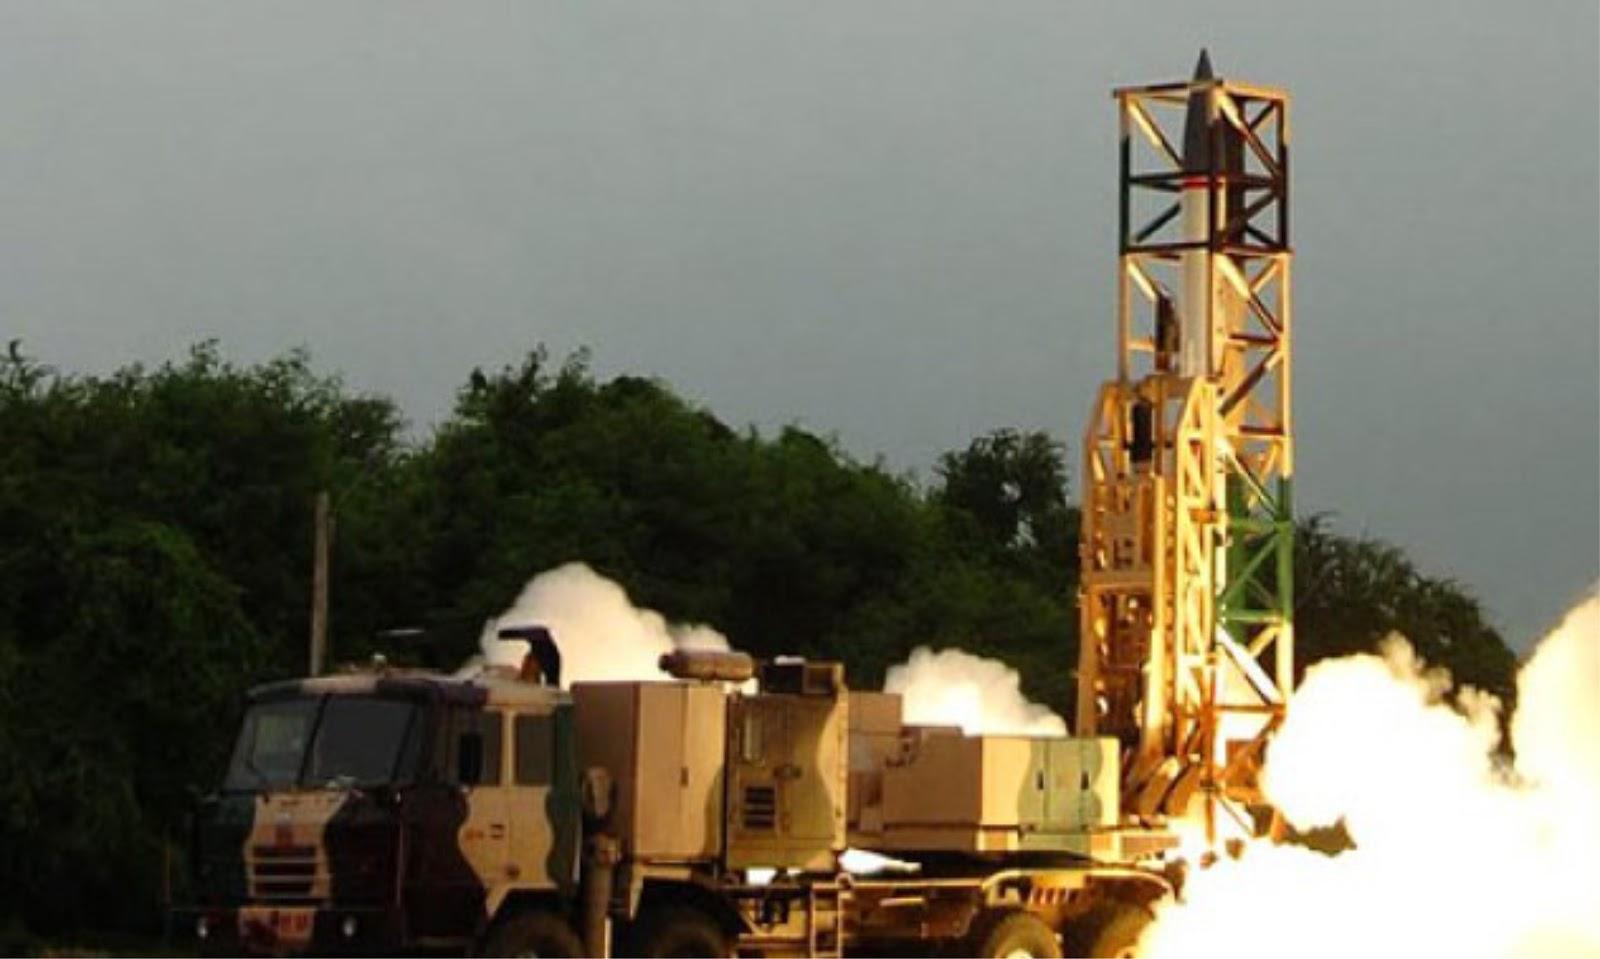 India berhasil menguji rudal balistik taktis Prahaar